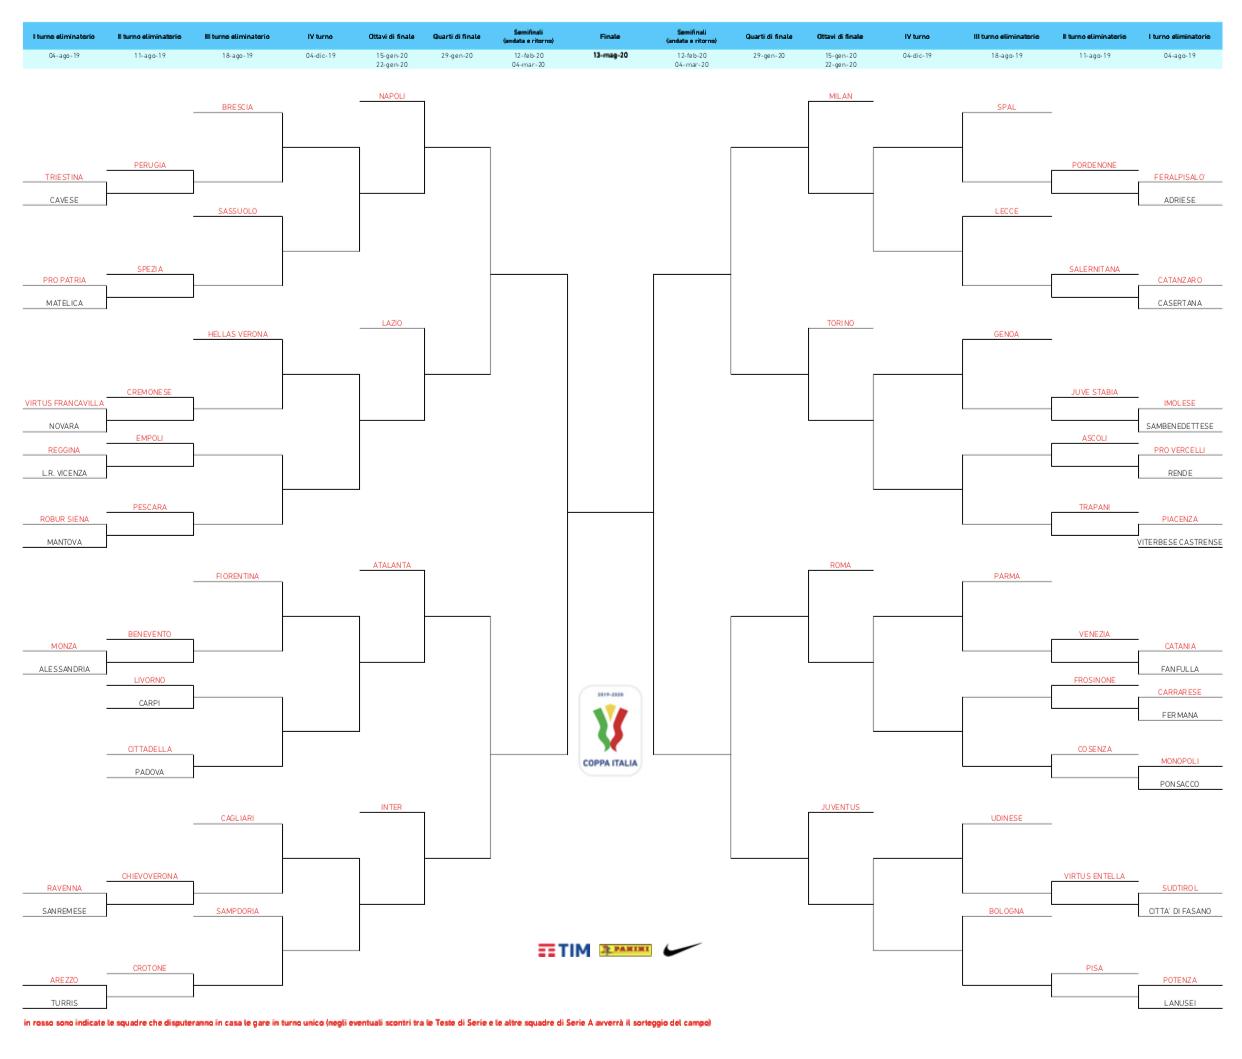 Il tabellone della Coppa Italia 2019/20